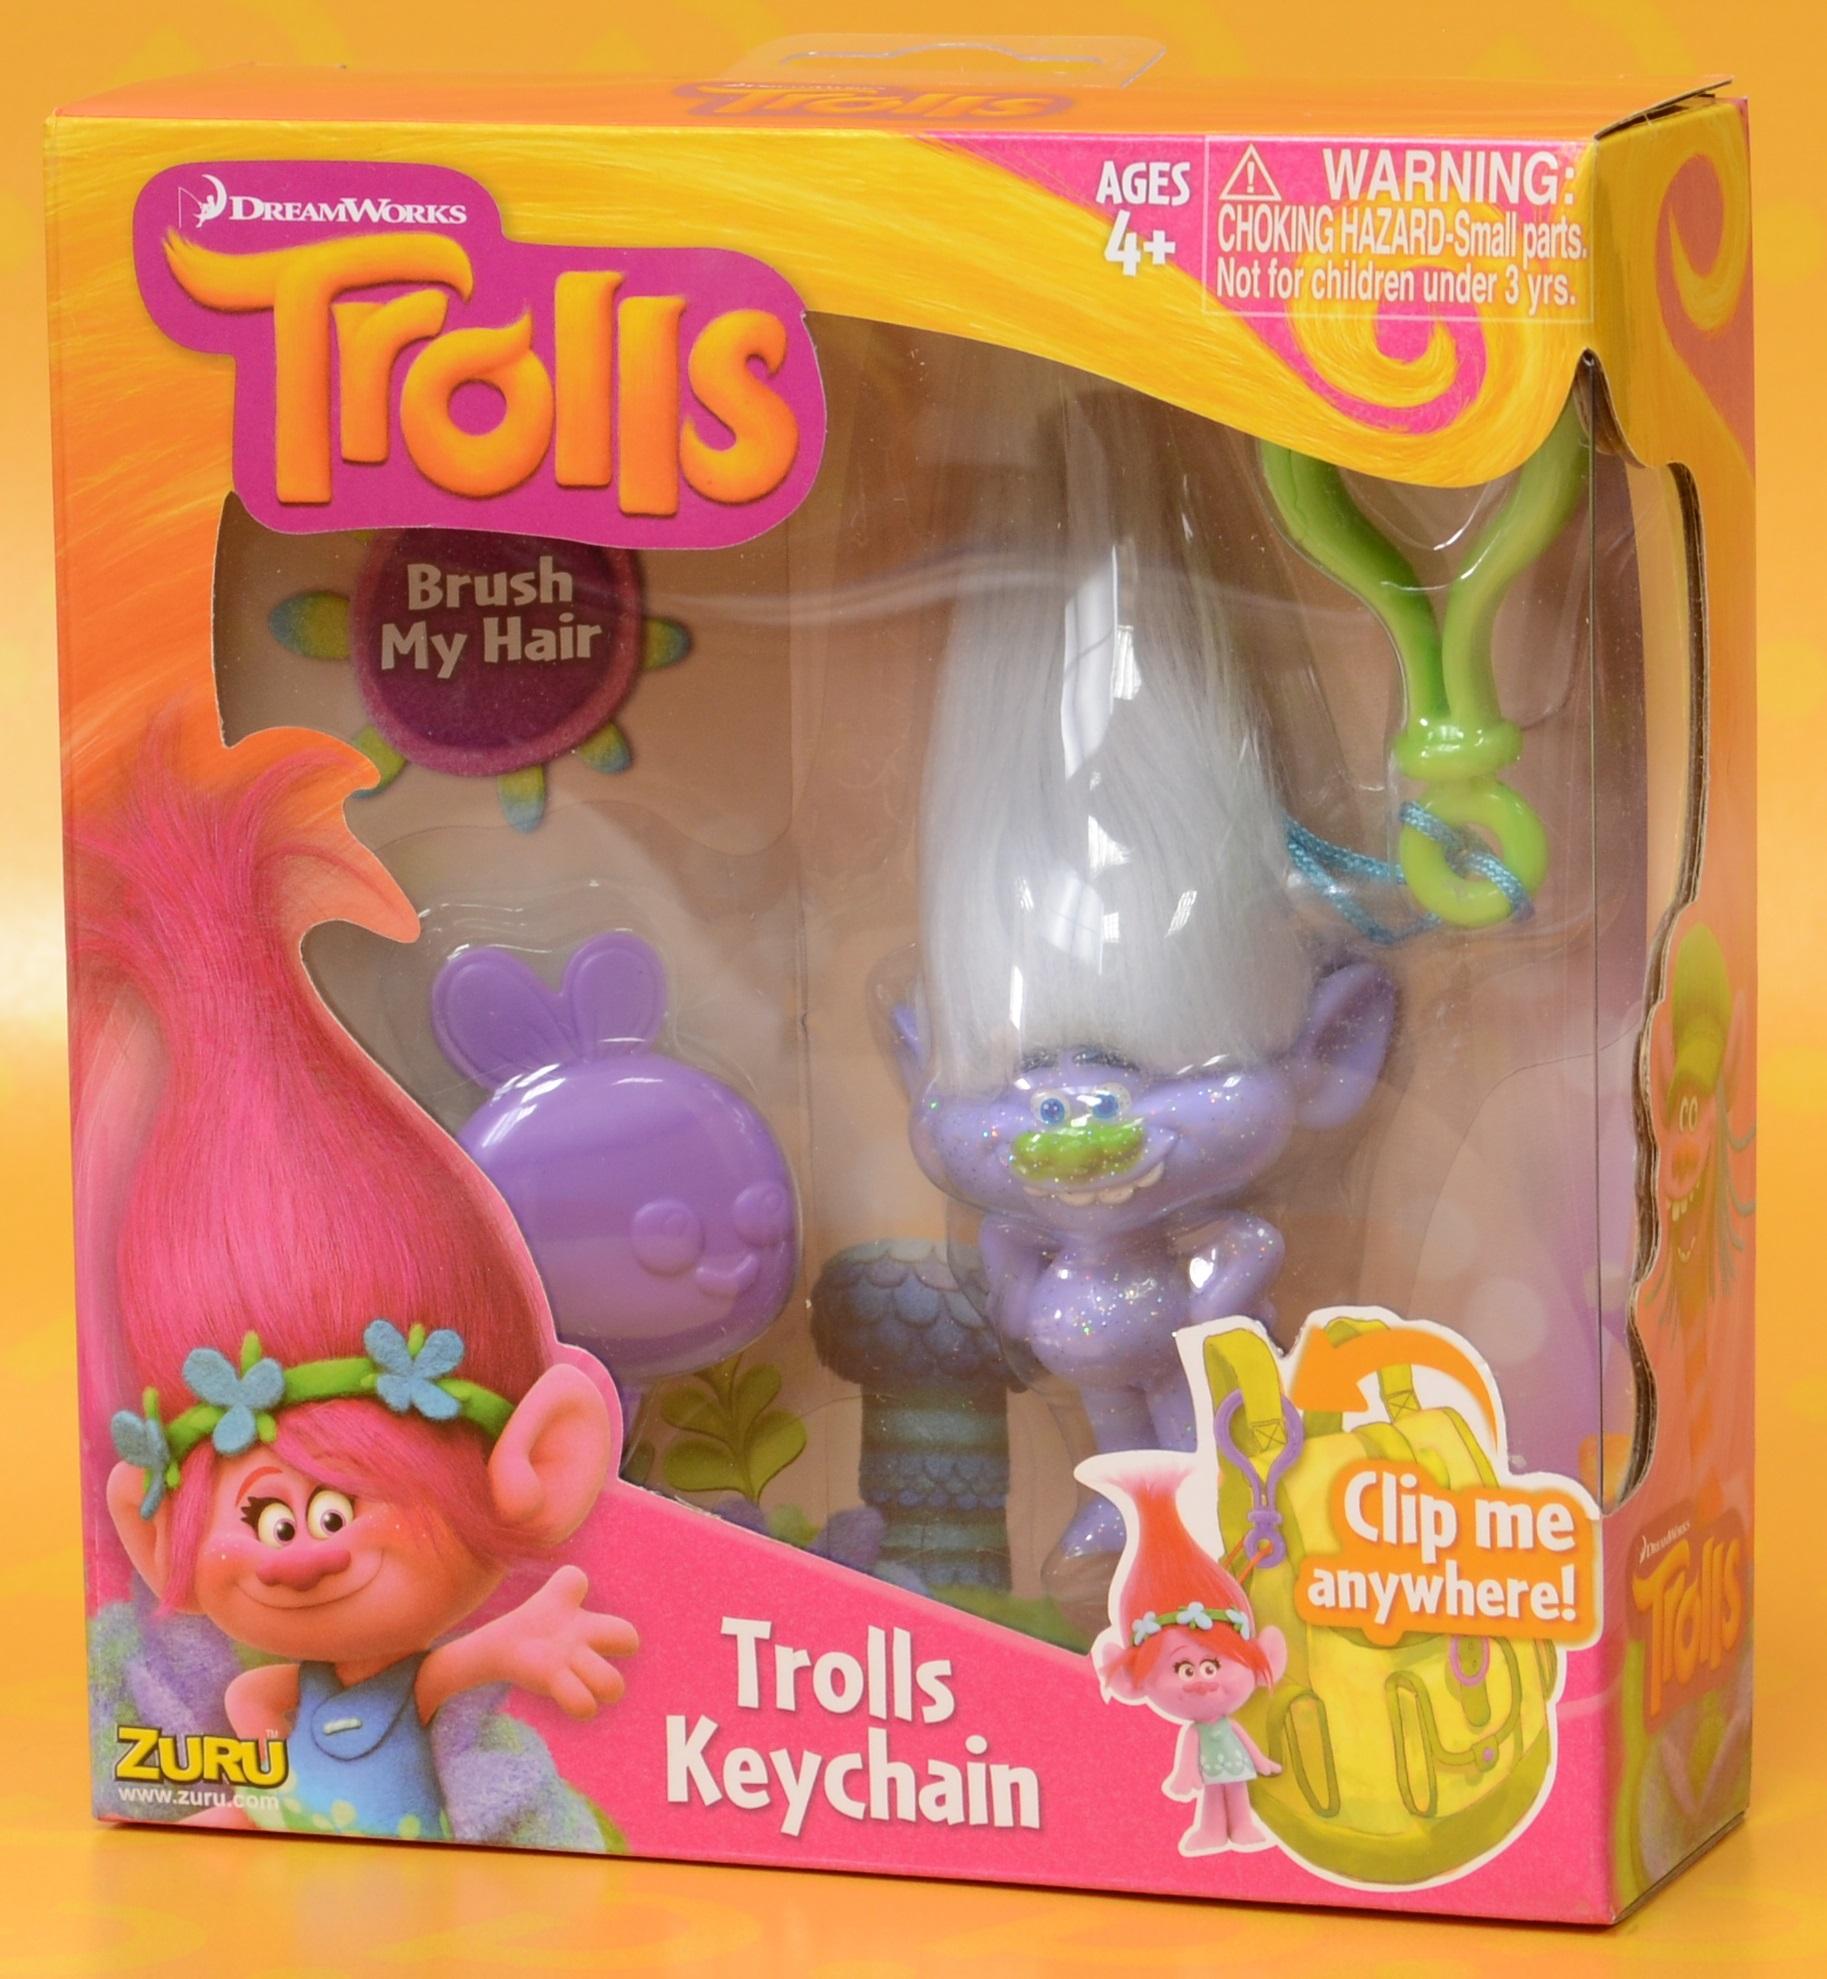 Брелок Trolls. Тролль Алмаз (Diamond)Представляем вашему вниманию брелок Trolls. Тролль Алмаз, созданную по мотивам анимационного фильма производства DreamWorks Animation.<br>